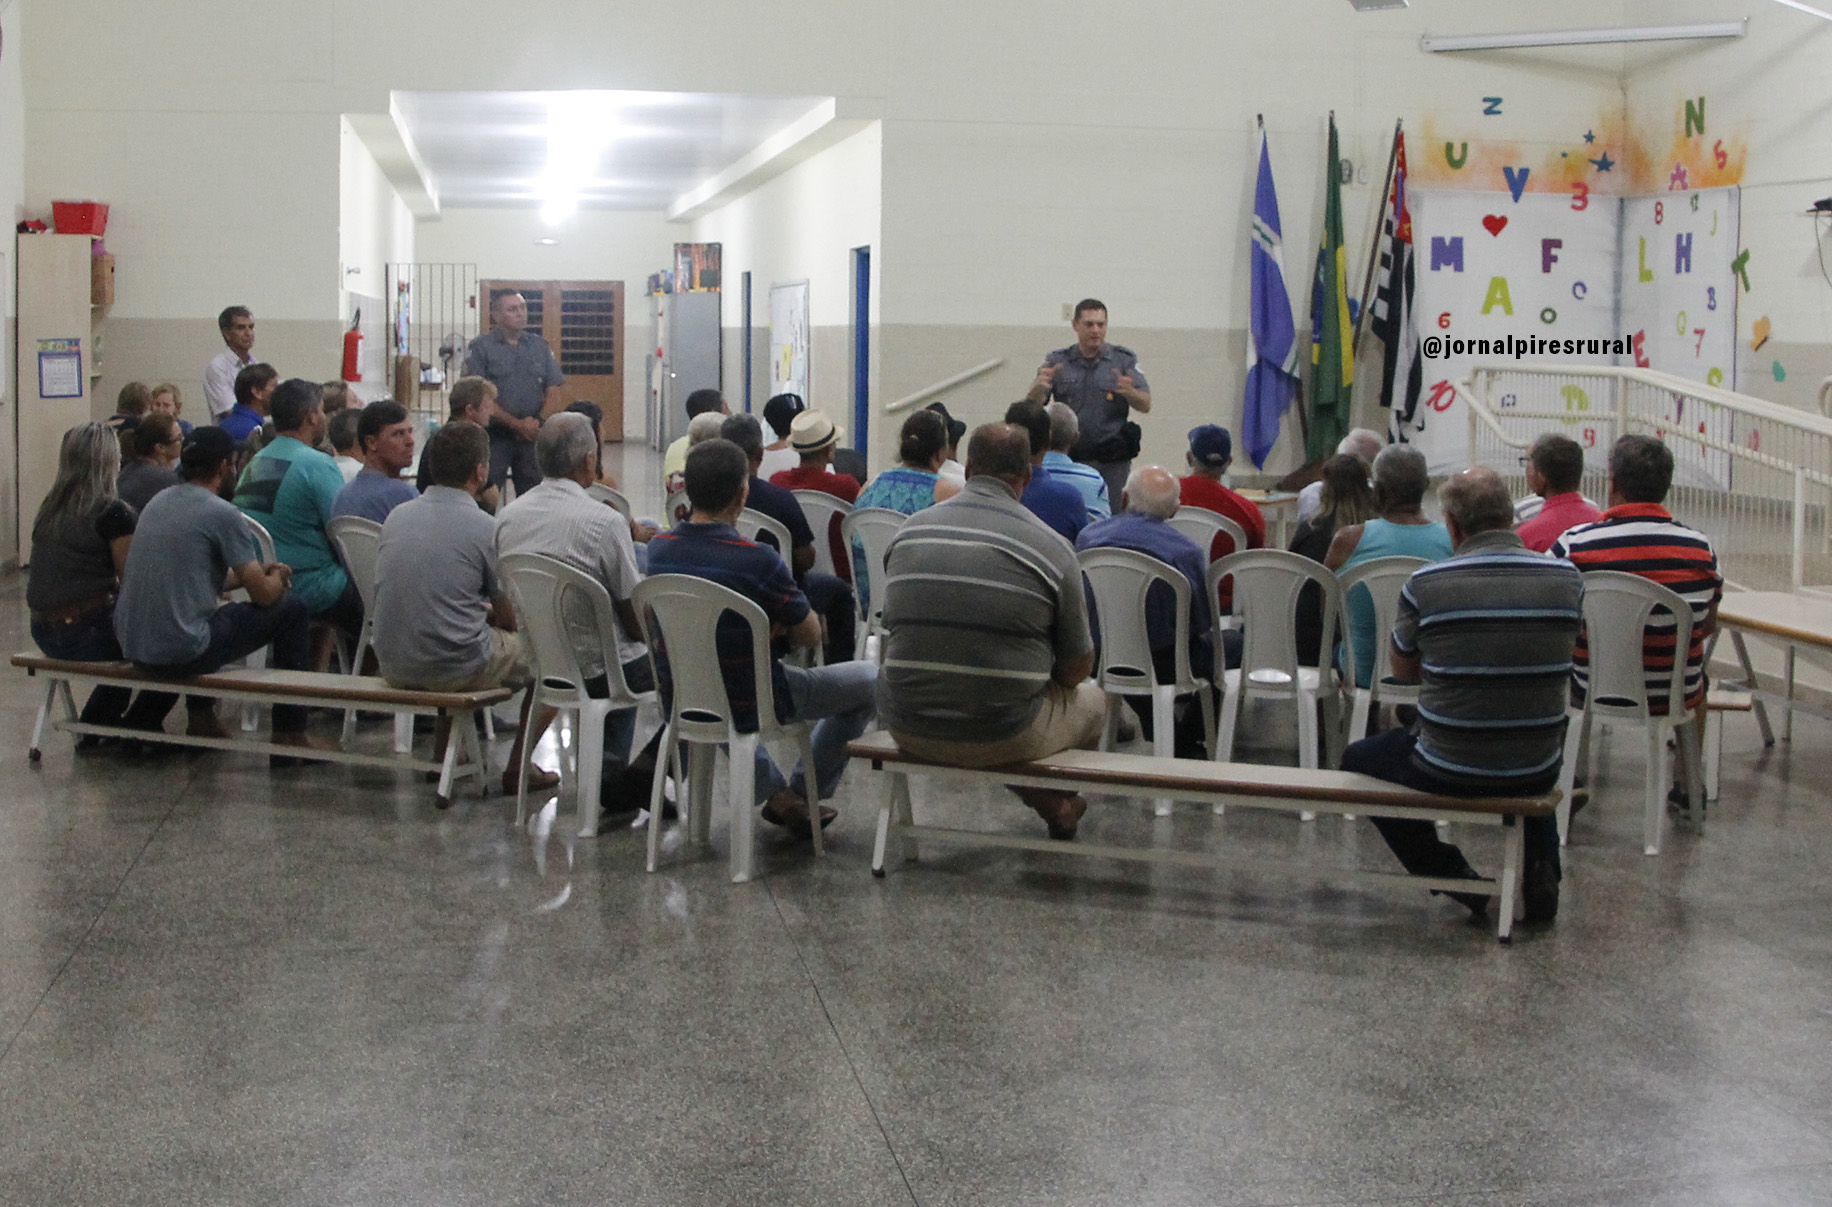 Reunião realizada no bairro dos Pires